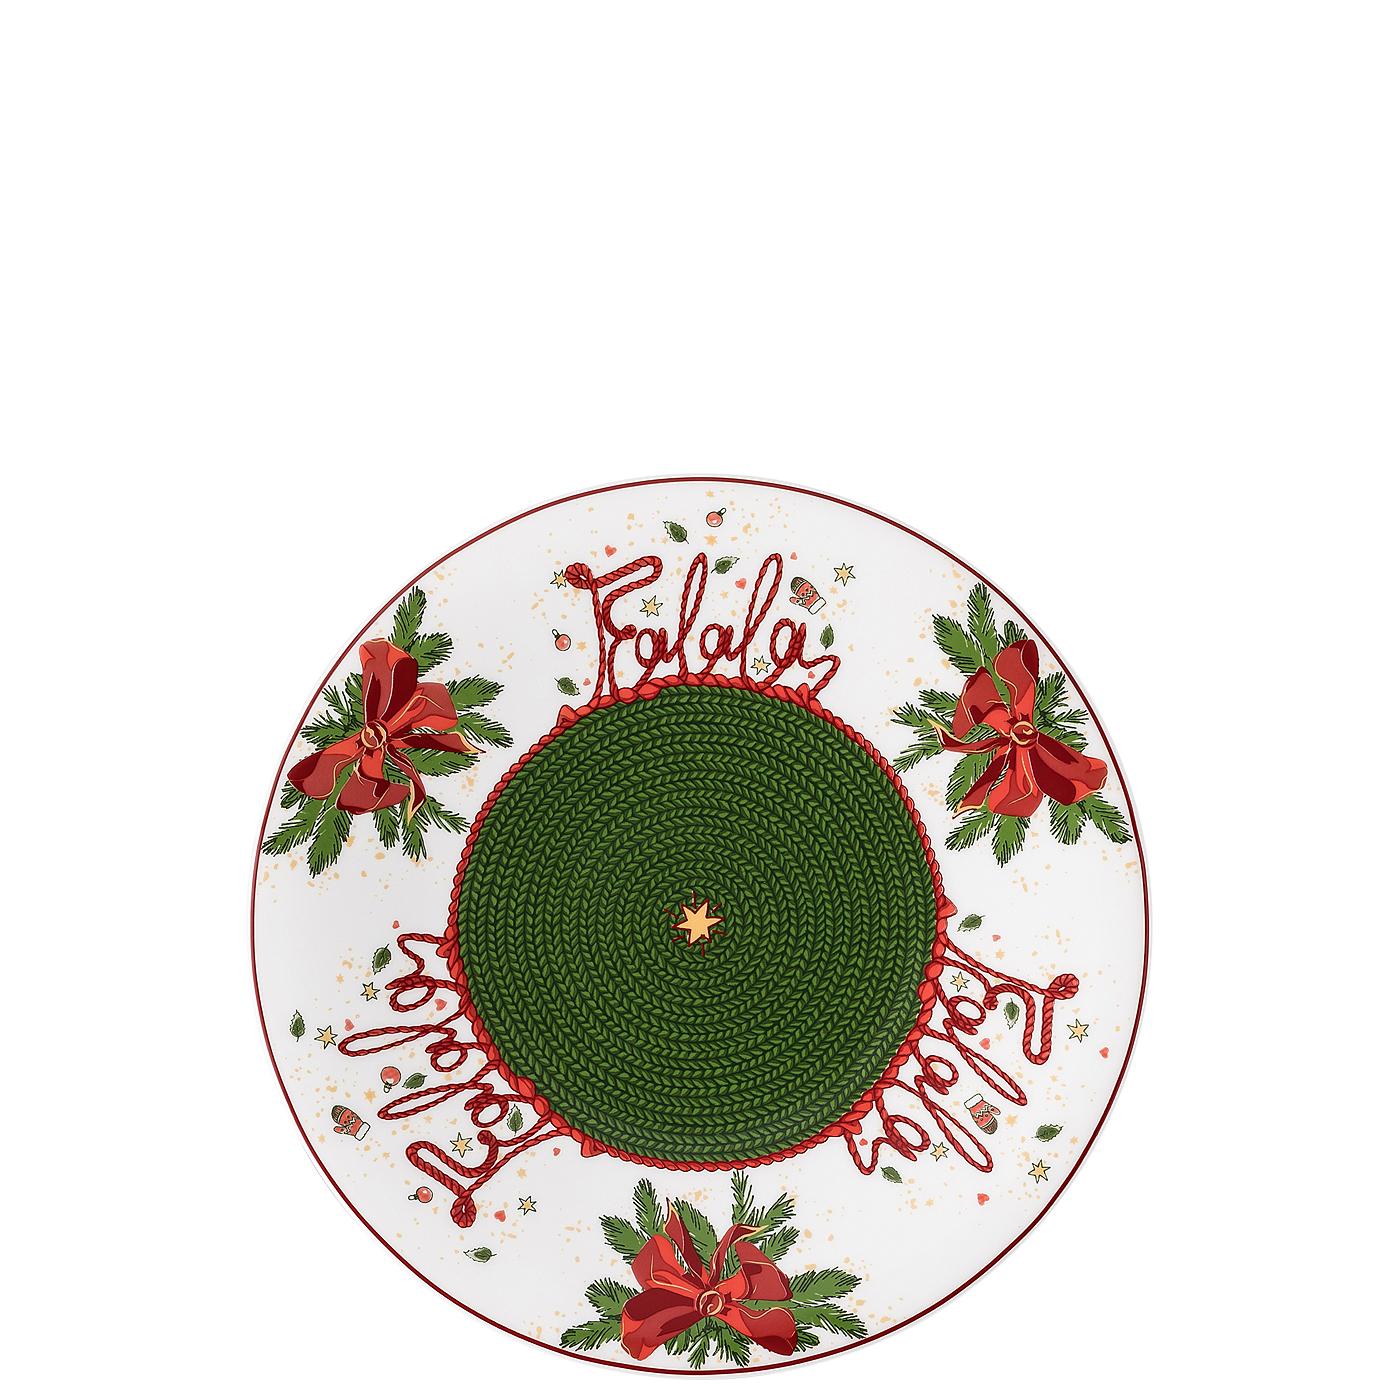 Plätzchenteller 22 cm Nora Weihnachtszeit Hutschenreuther